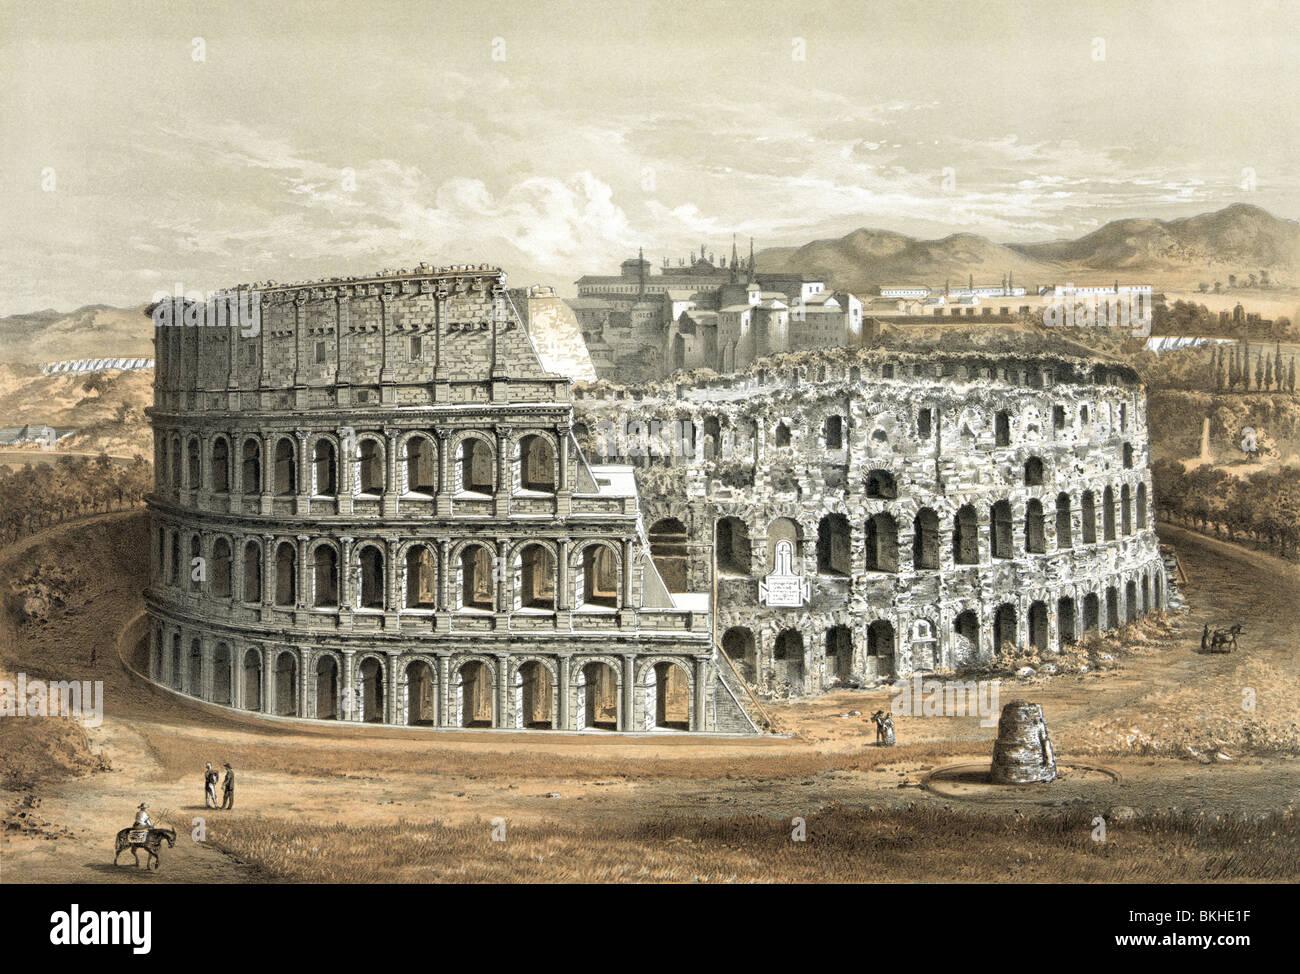 Vintage stampa litografia di circa 1872 del Colosseo a Roma, Italia, come appariva nell ultima parte del XIX secolo. Immagini Stock